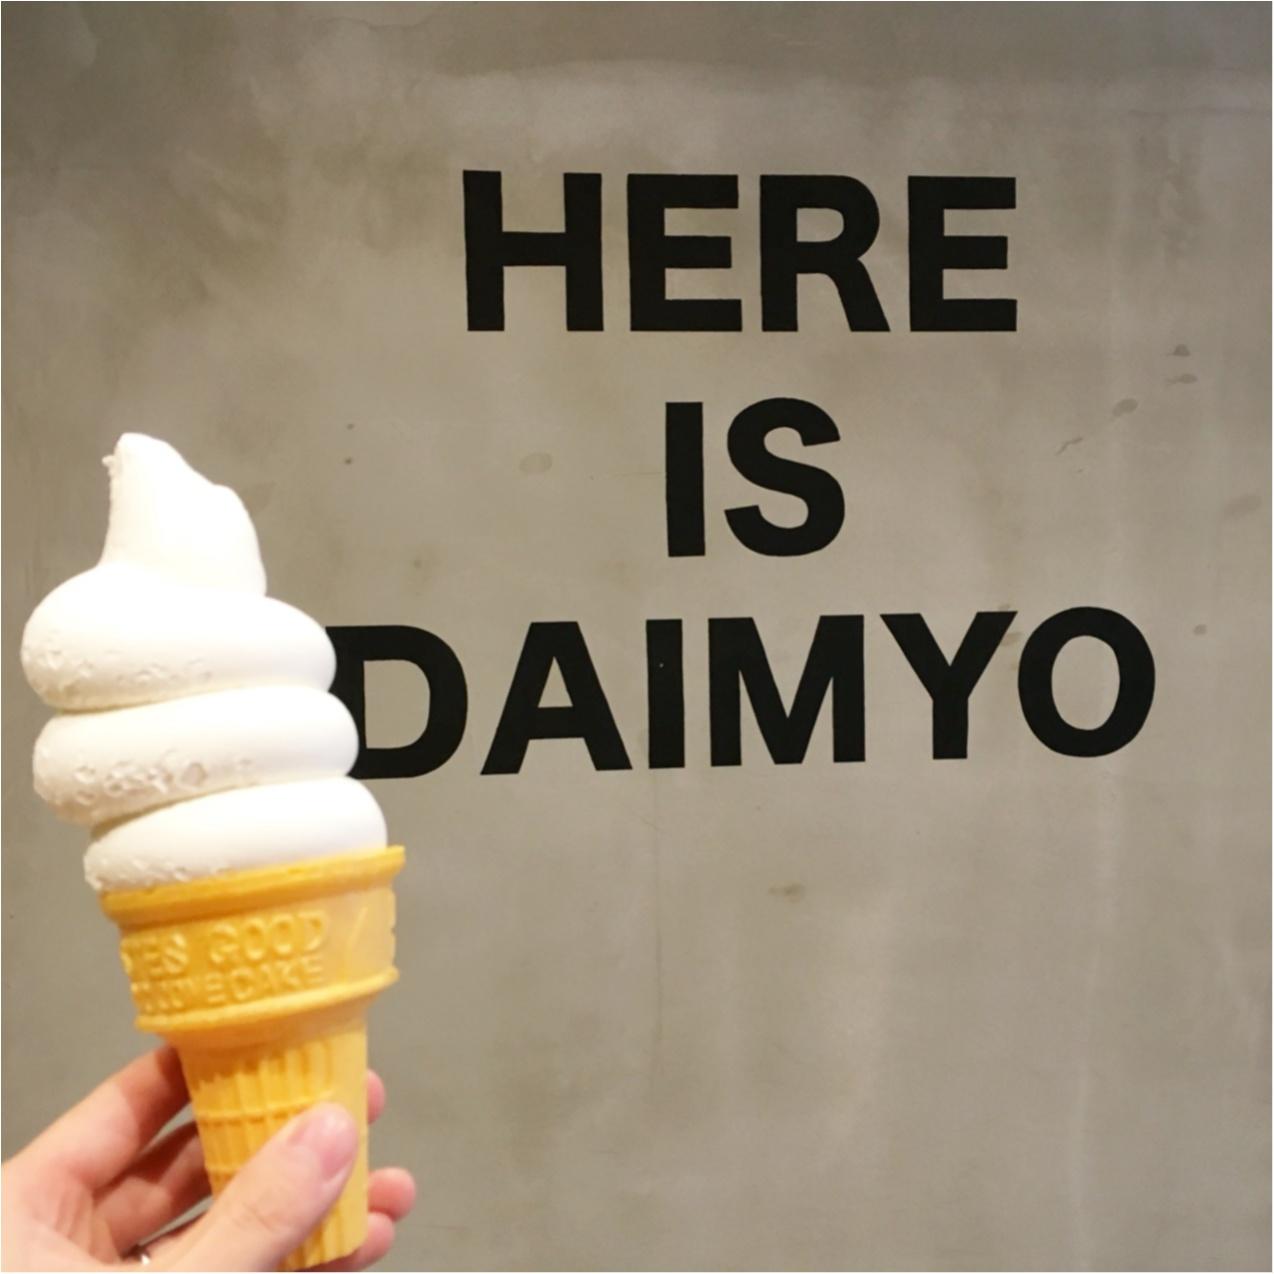 《 私のカフェめぐり♪ 》まるまるフォルムがかわいい♡ 福岡のソフトクリーム専門店のこだわりソフトクリーム♡♡_4